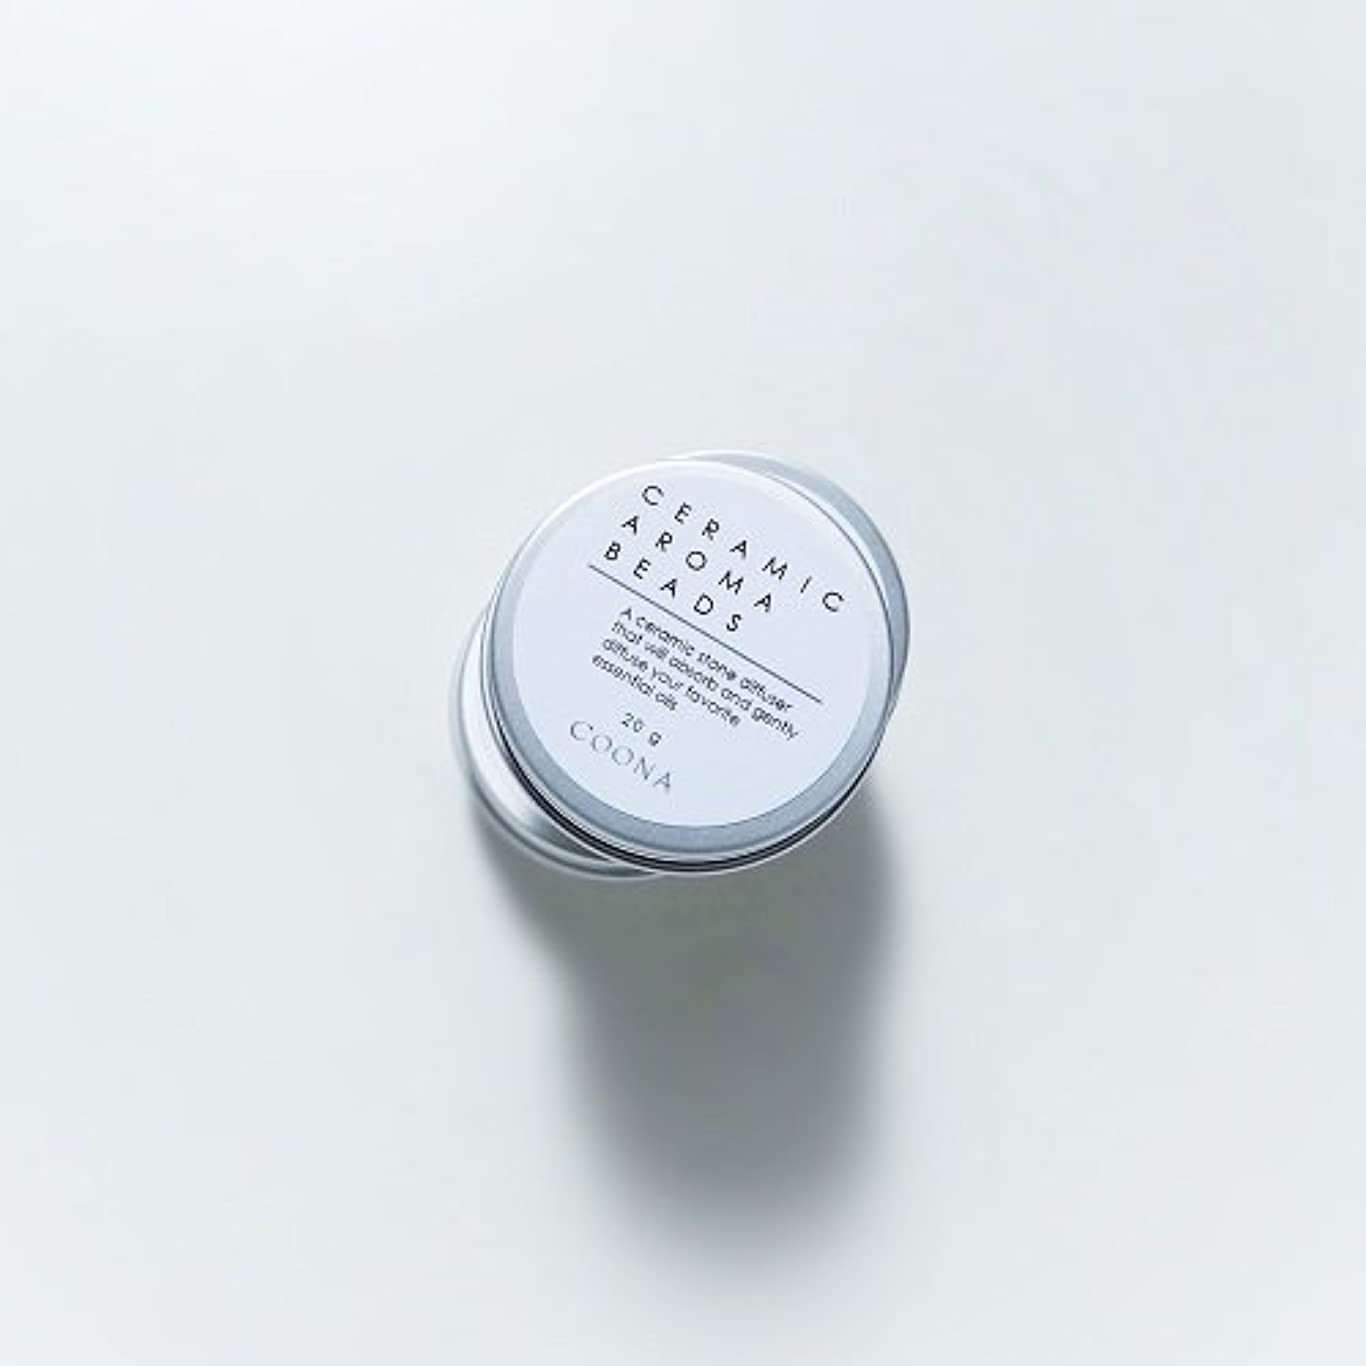 り麻痺させるダイアクリティカルセラミックアロマビーズ(缶入り アロマストーン エコディフューザー)20g×1個